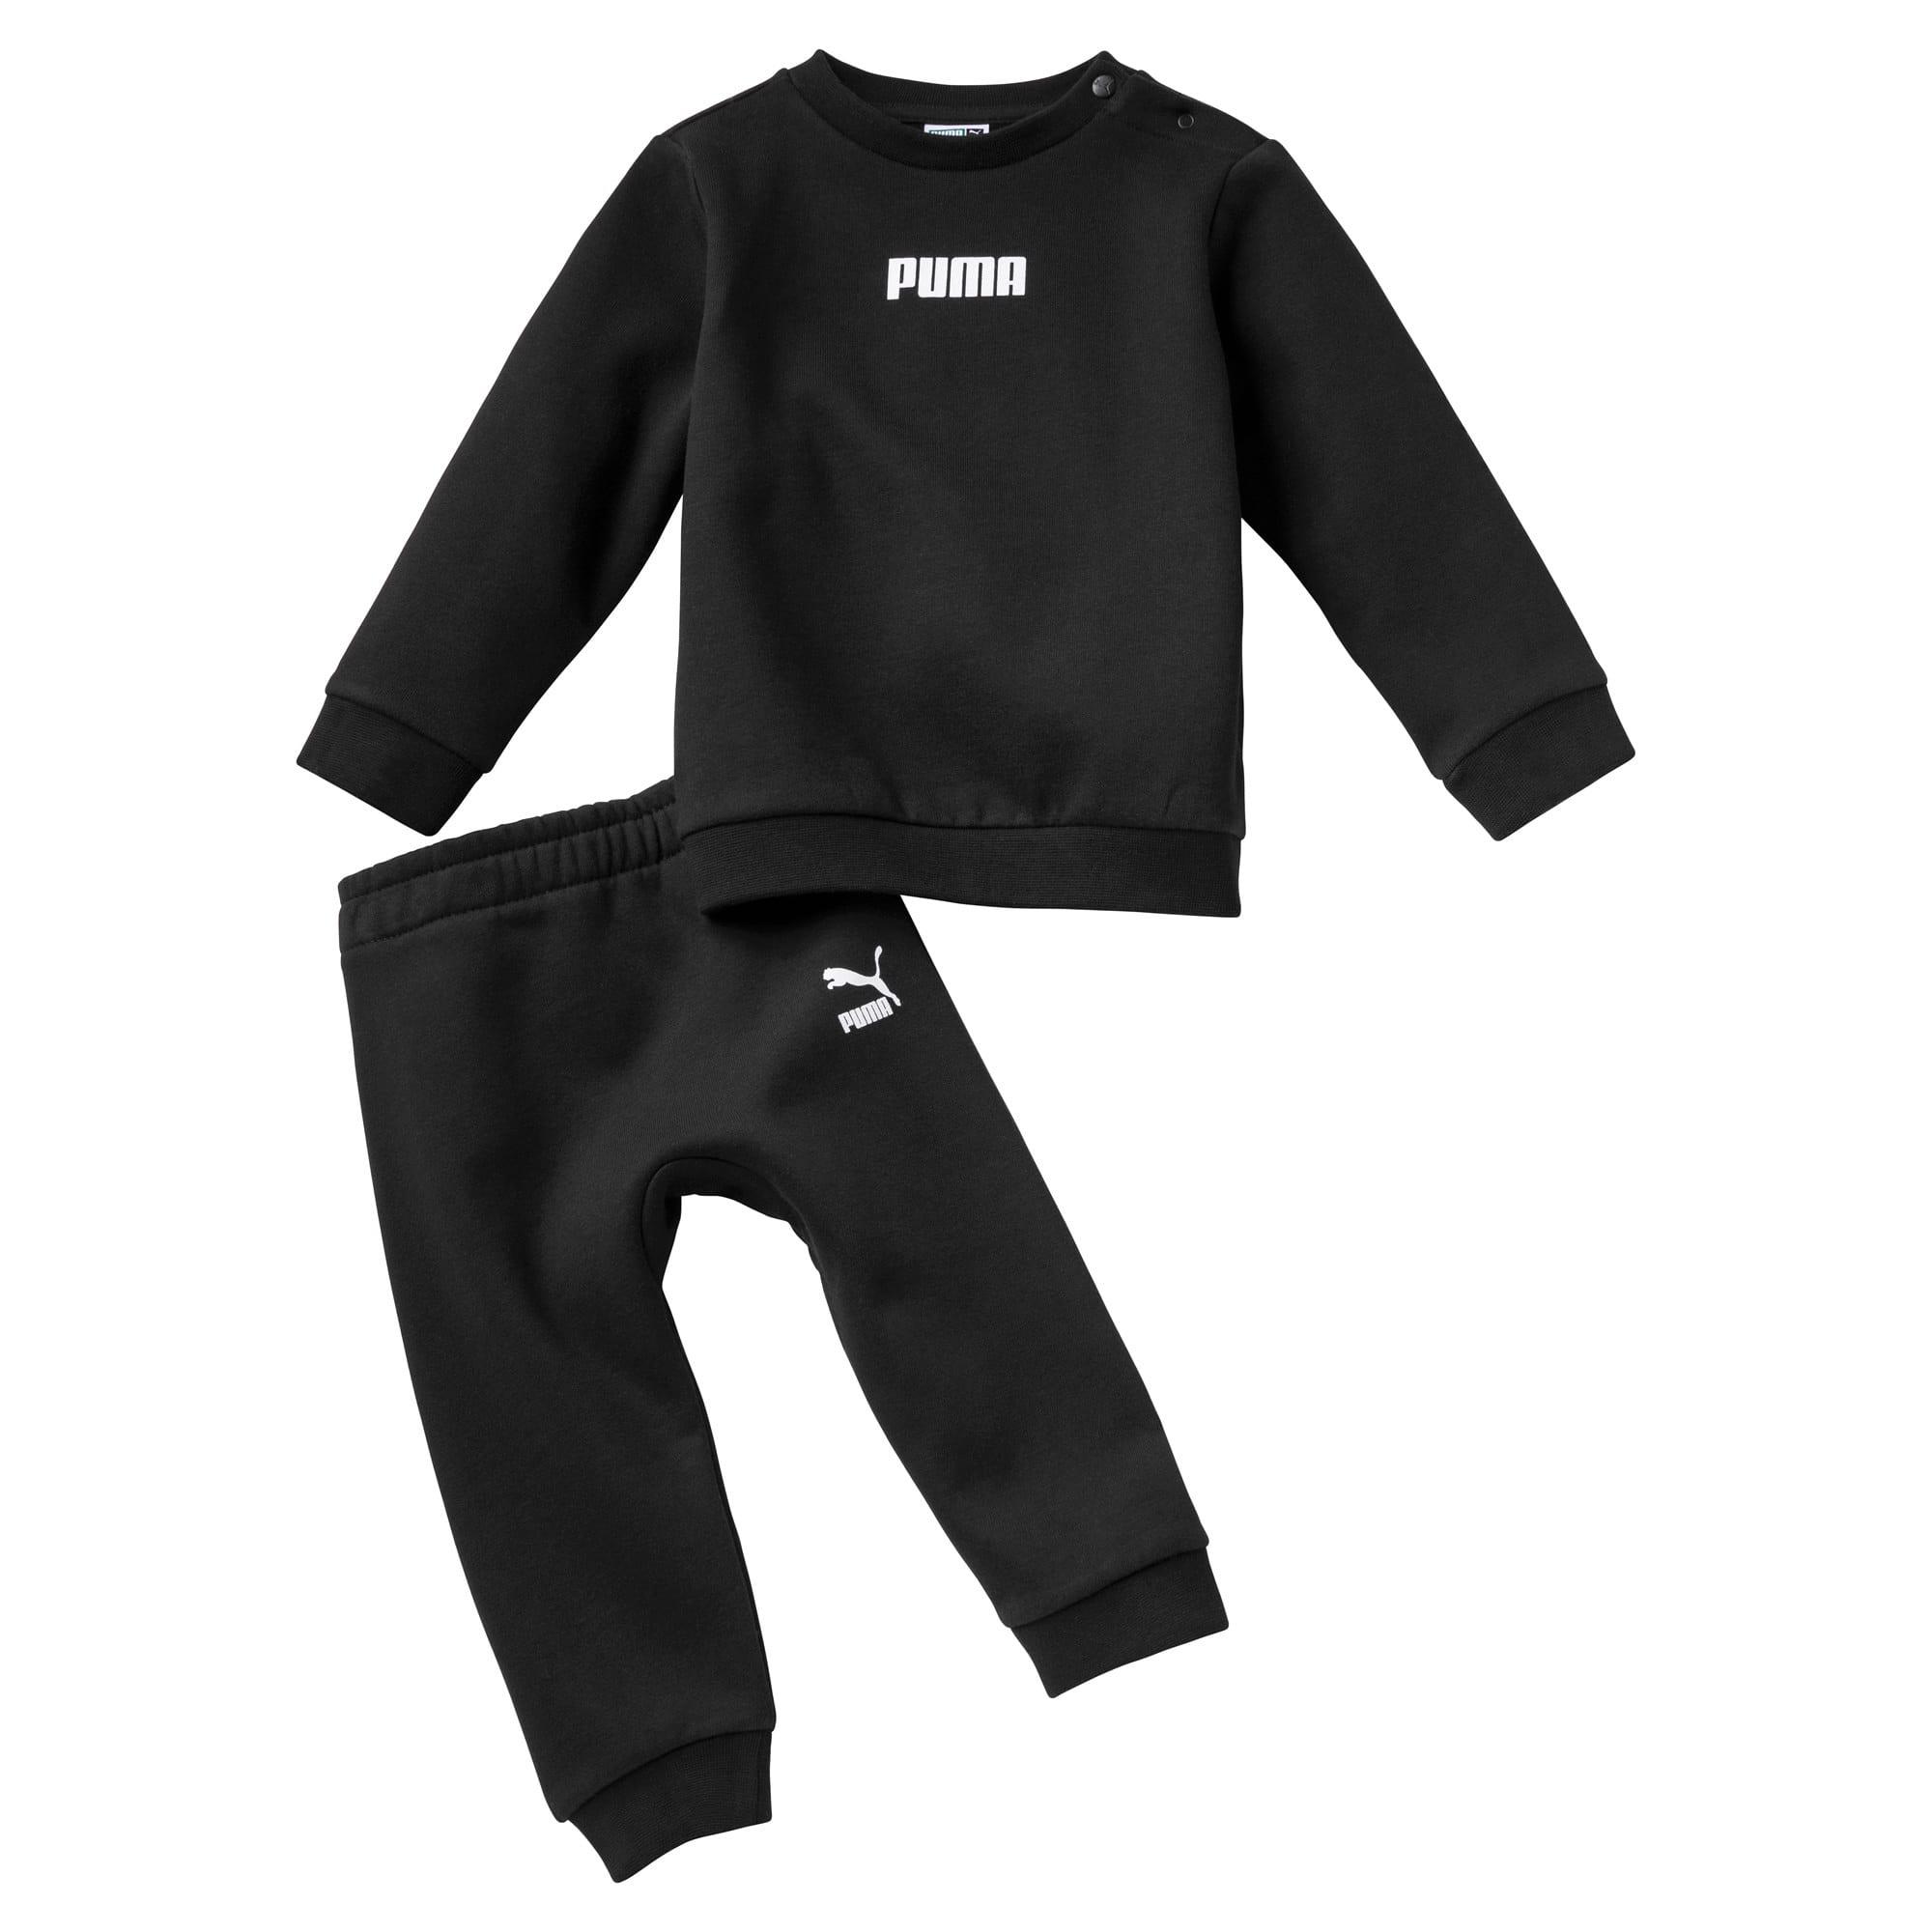 Thumbnail 1 of Survêtement pour bébé, Puma Black, medium